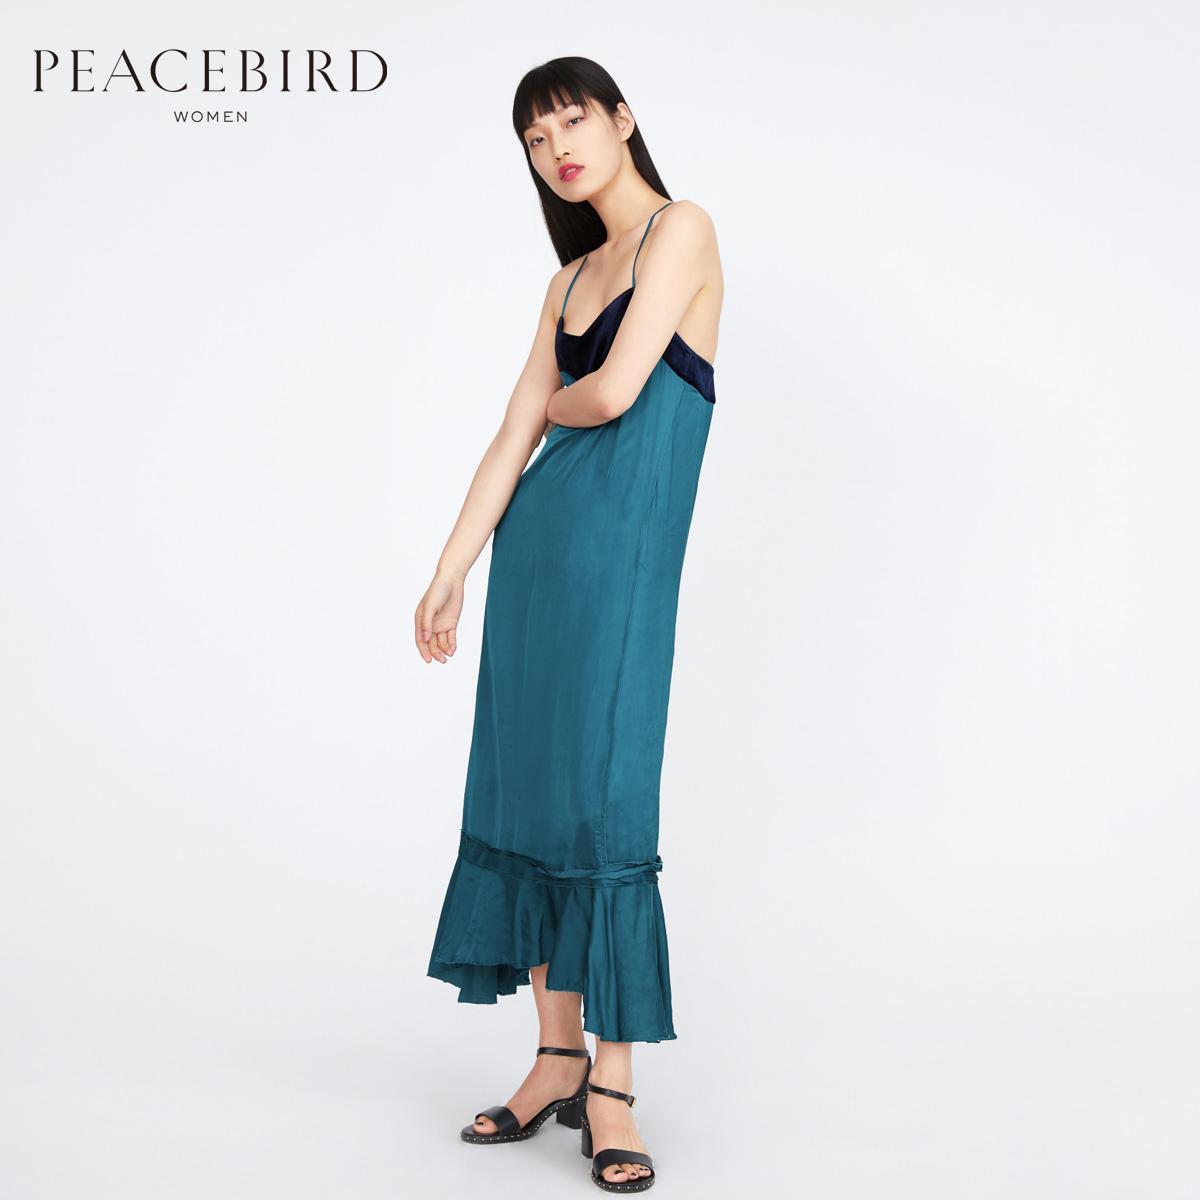 PEACEBIRD 太平鸟  A1FA72108 女士拼接吊带连衣裙